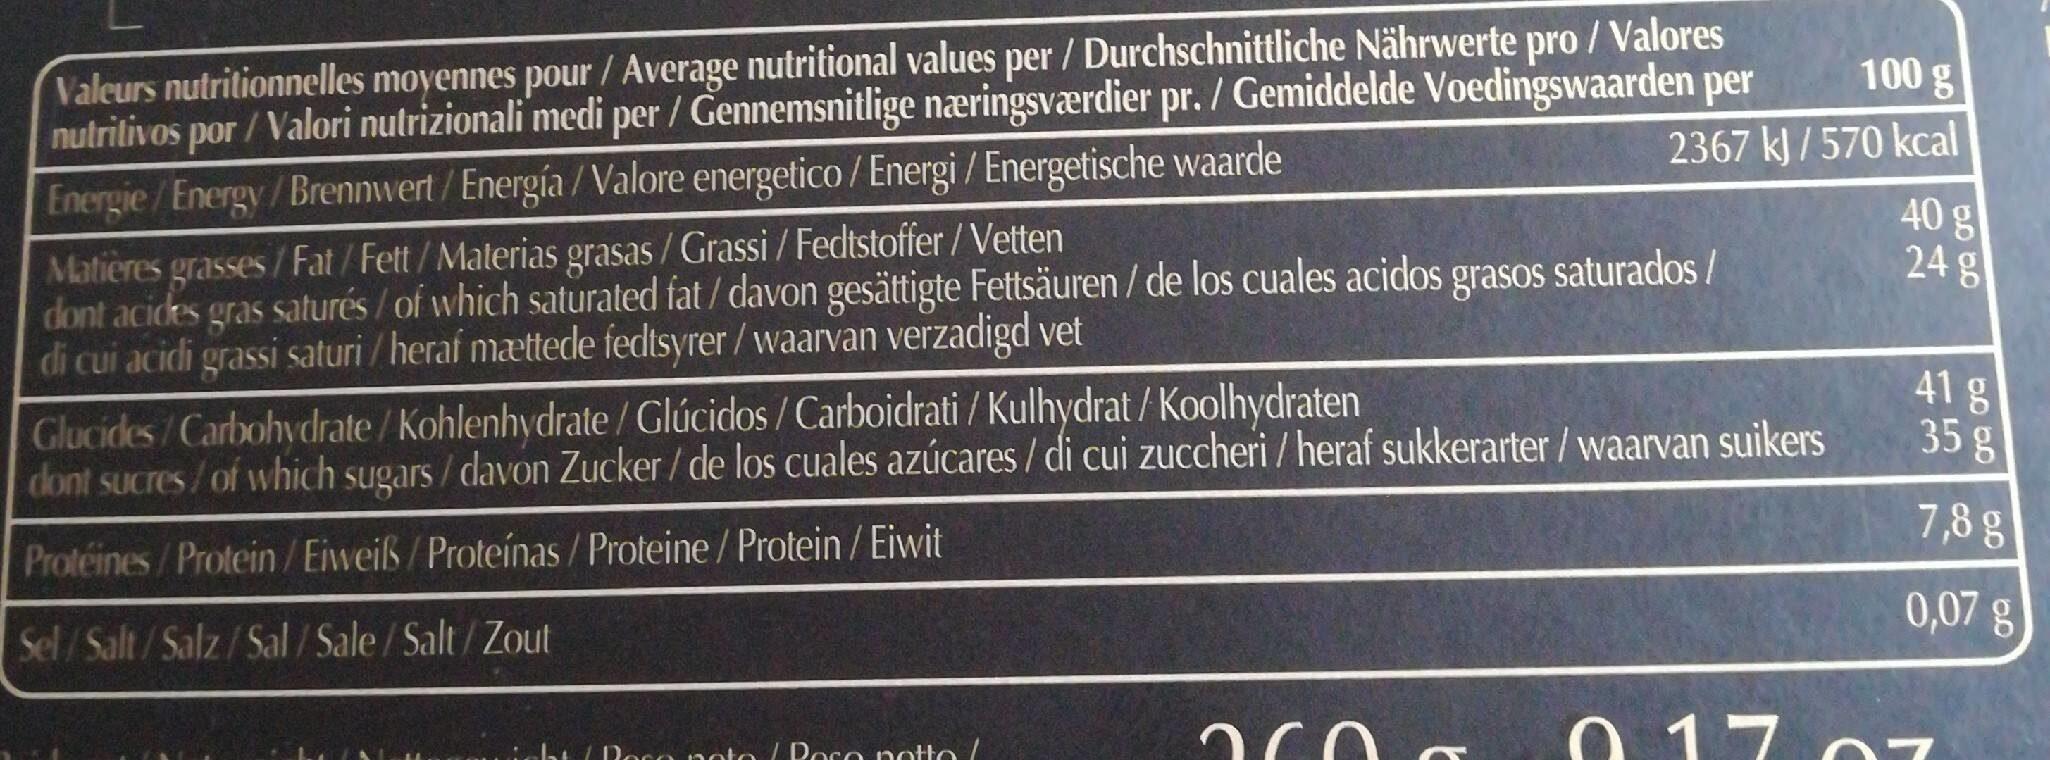 Valrhona - Les Coffret Degustation Grands Crus - Decouverte - Informations nutritionnelles - fr